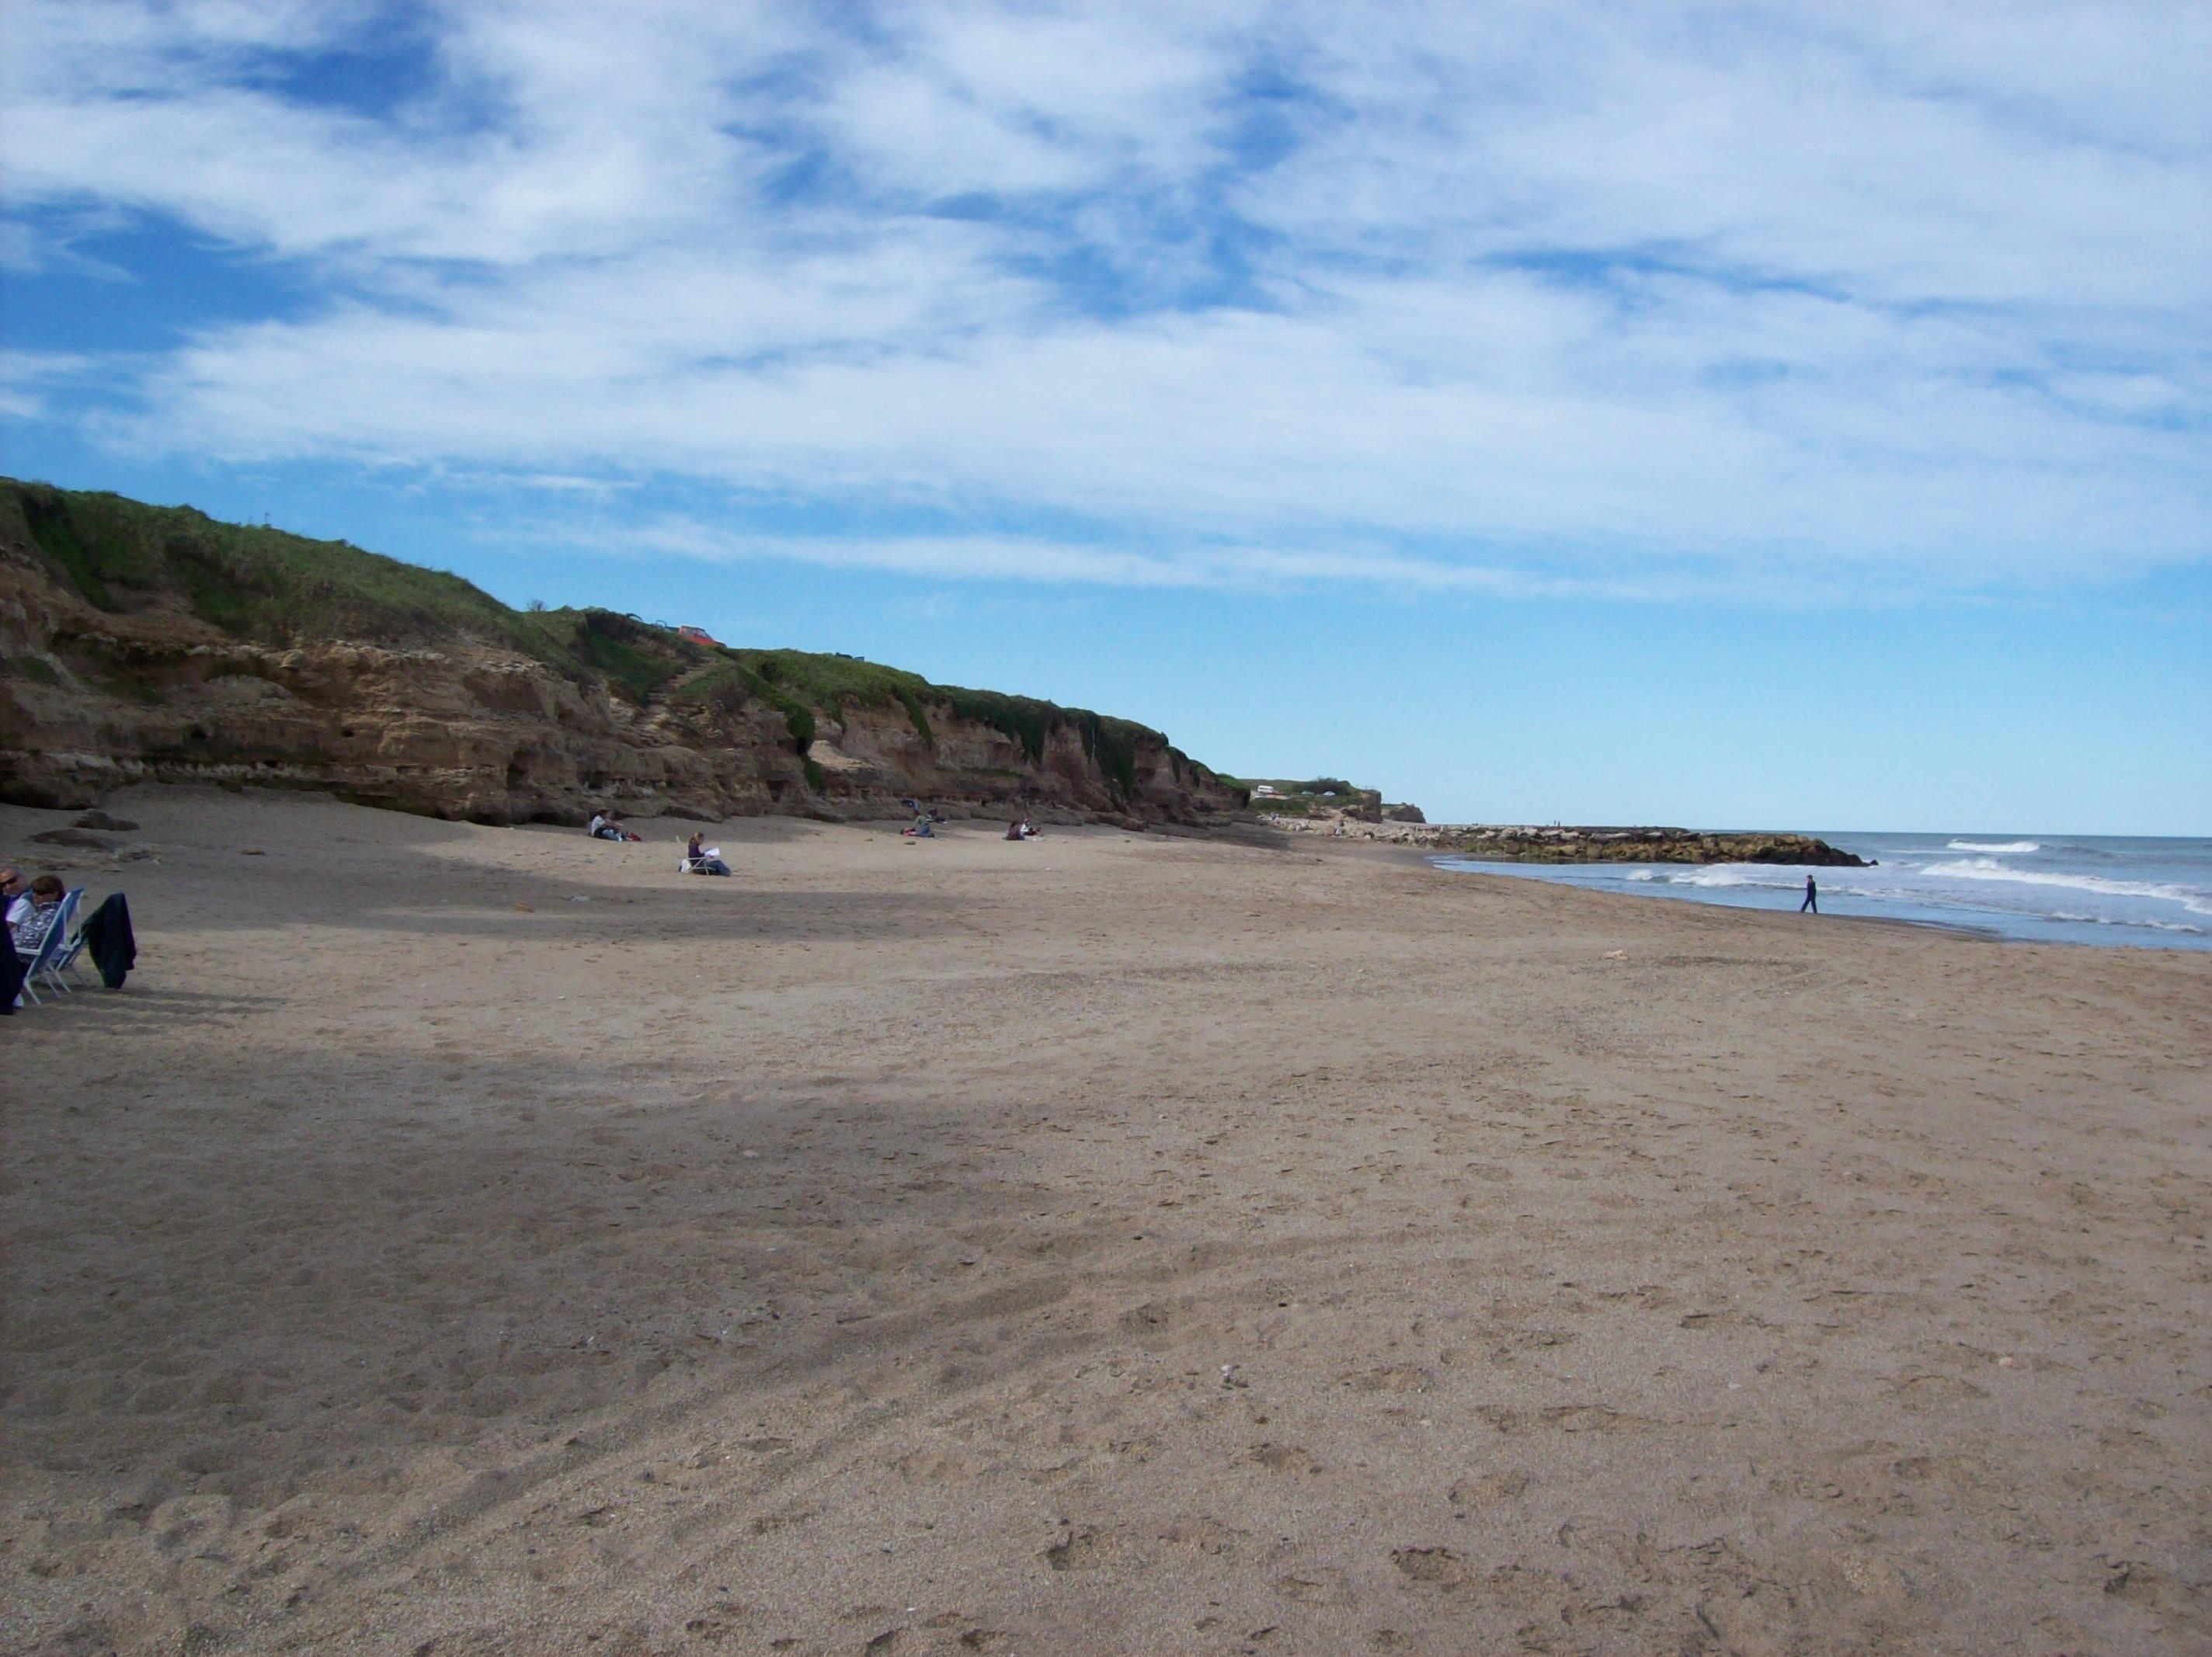 Dibujos de sombrillas de playa imagui - Sombrilla playa ...